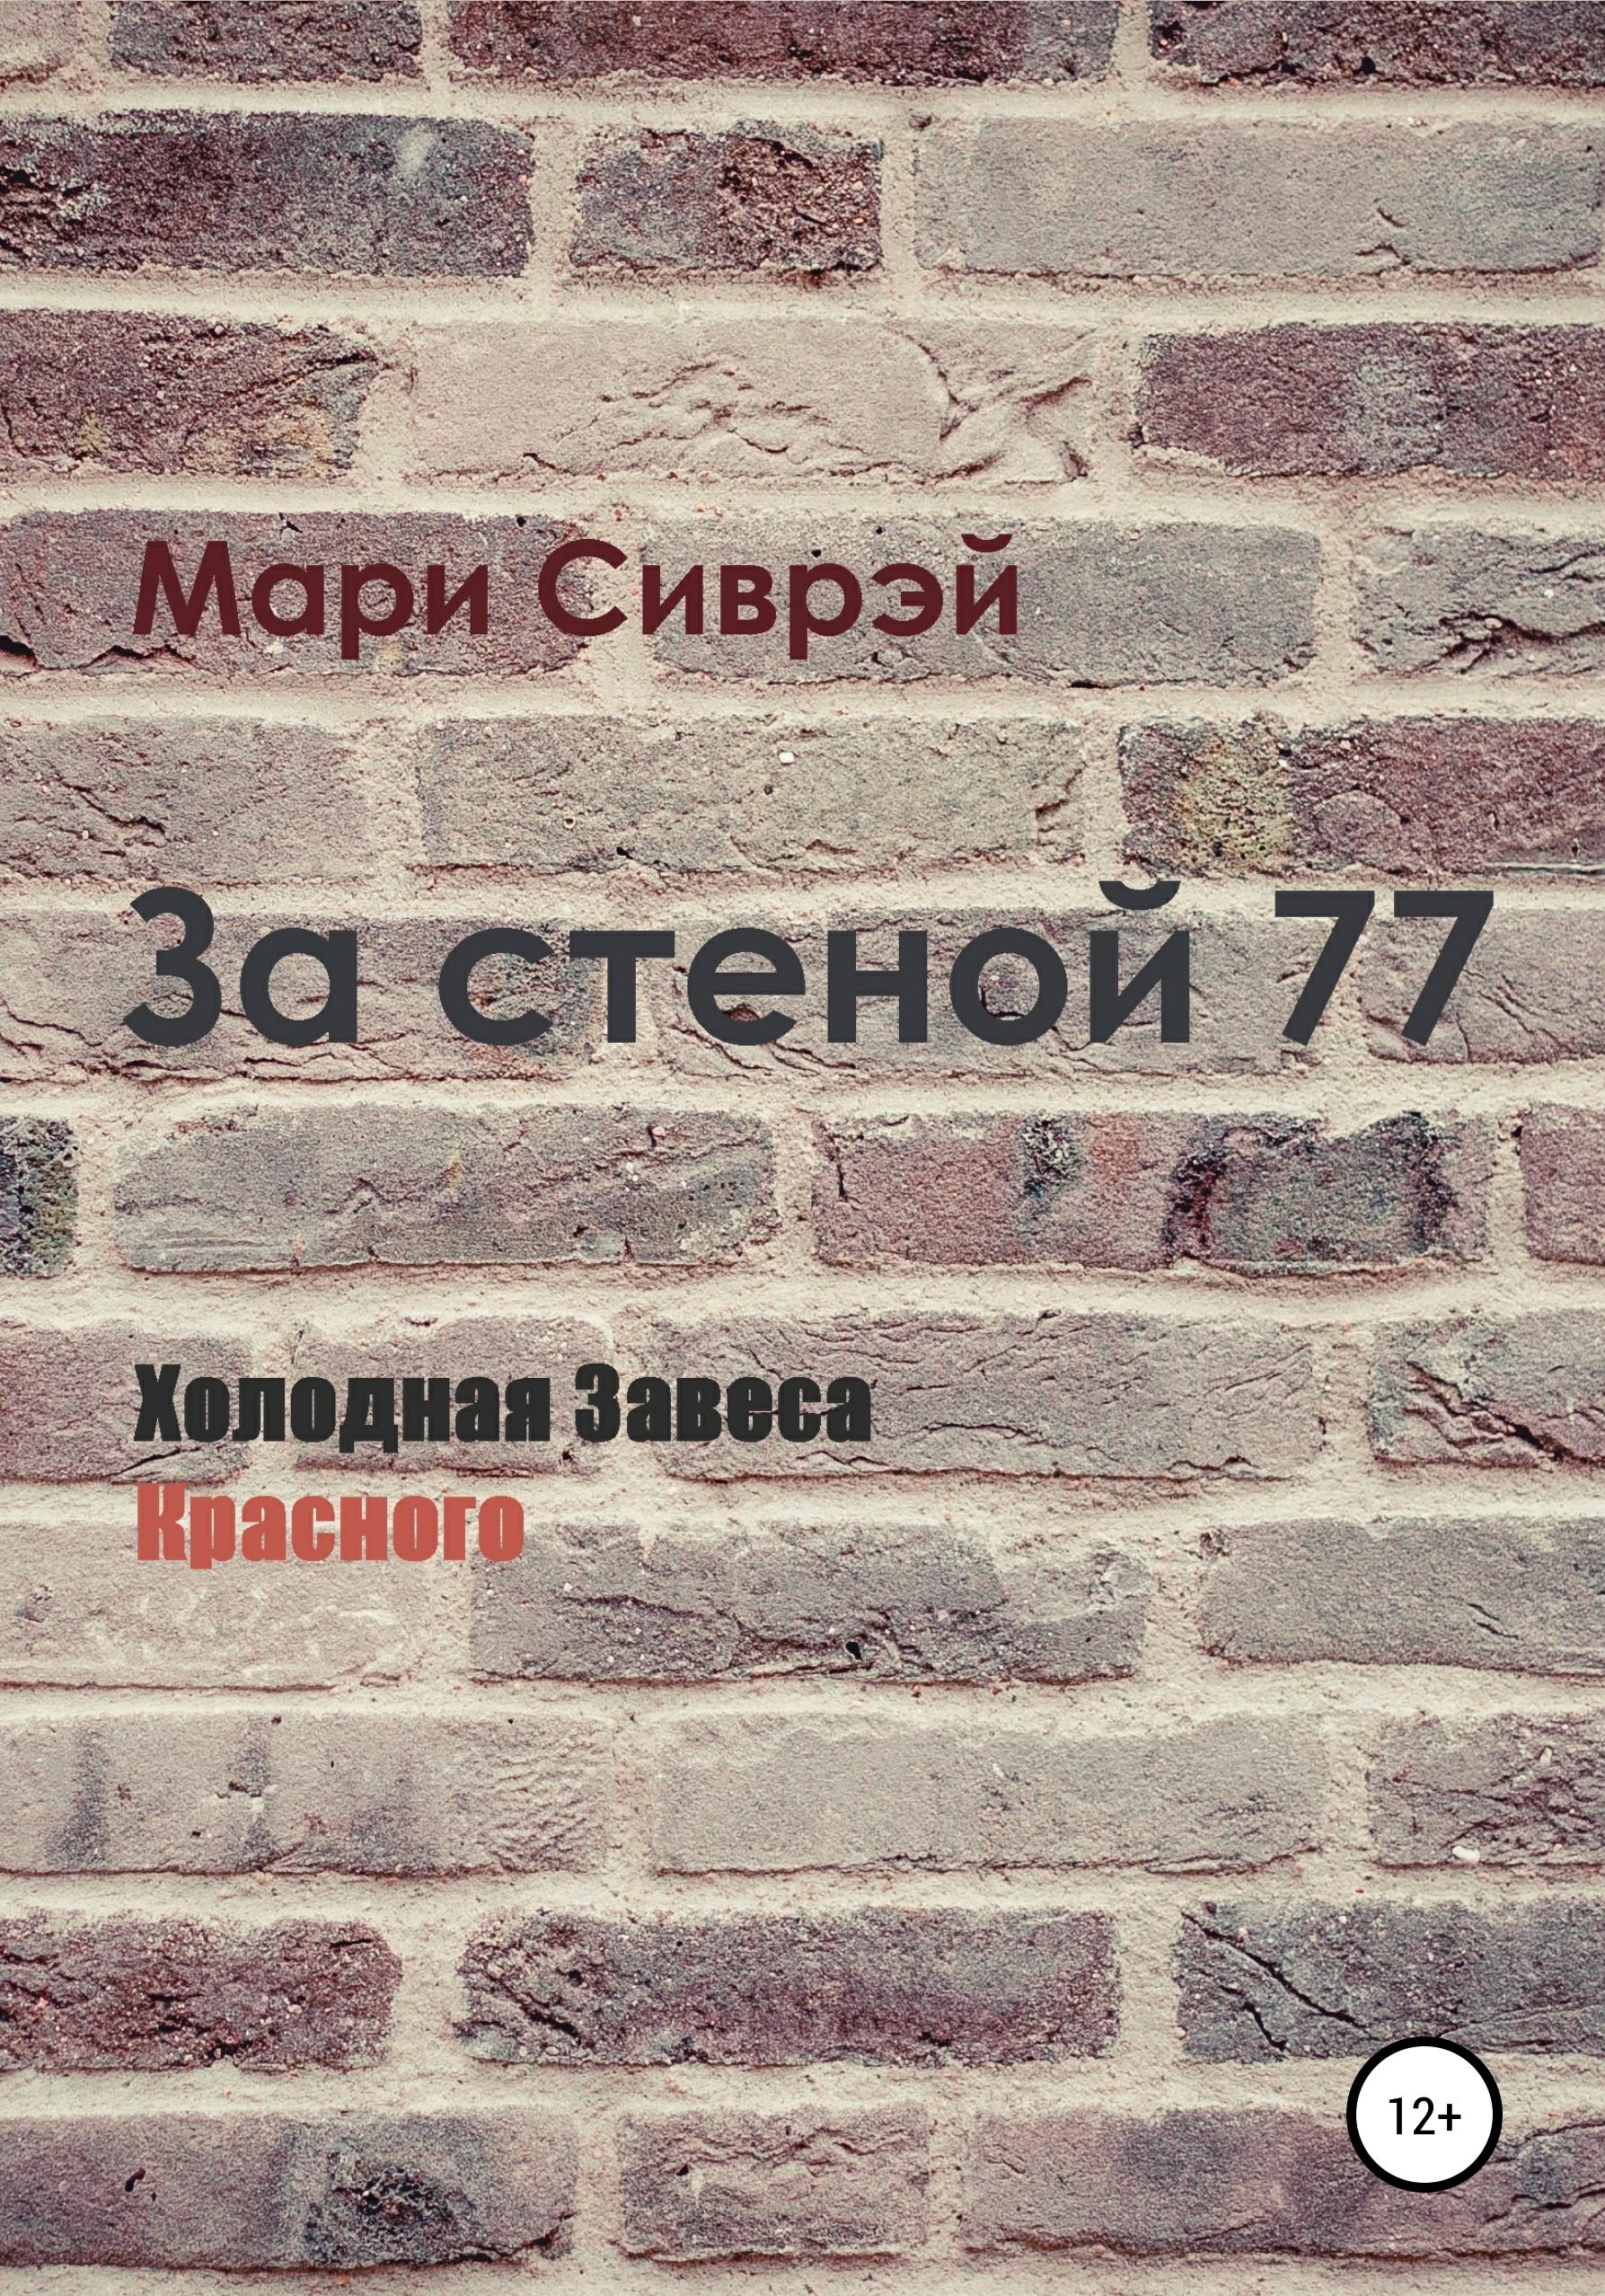 Мари Сиврэй За стеной 77. Холодная завеса Красного тарифный план